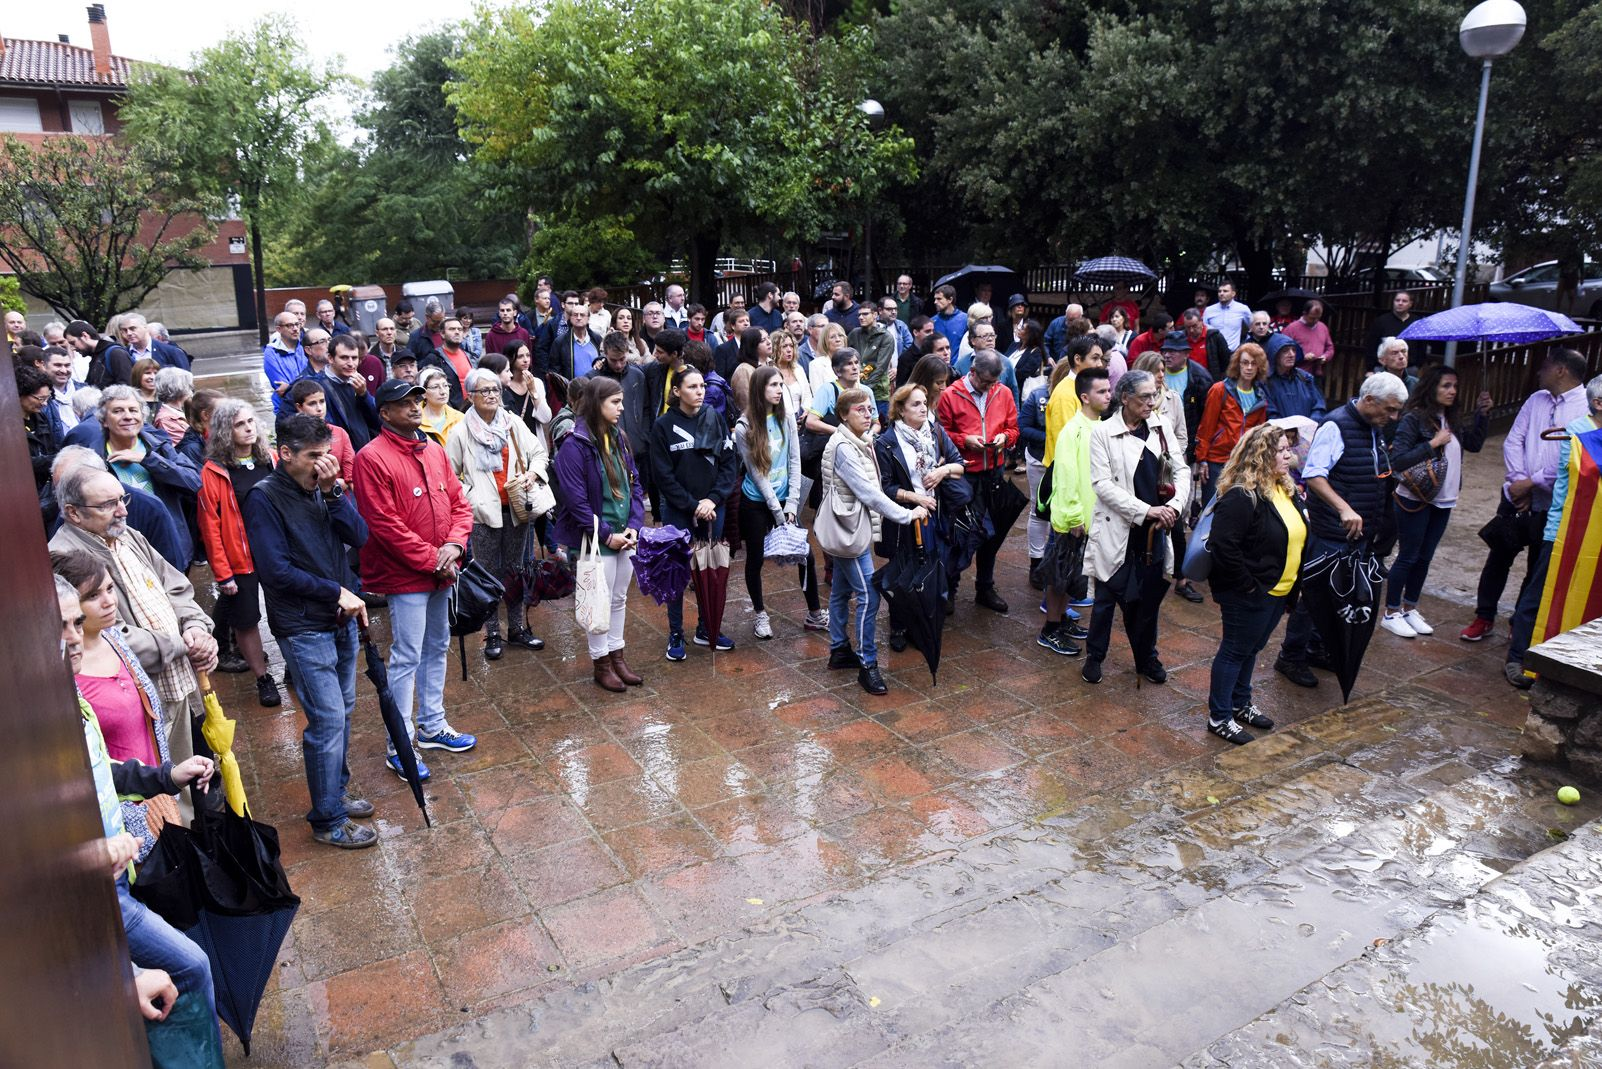 Ofrena a Rafael Casanova per la Diada Nacional Catalana de l'11 de Setembre. Foto: Bernat Millet.